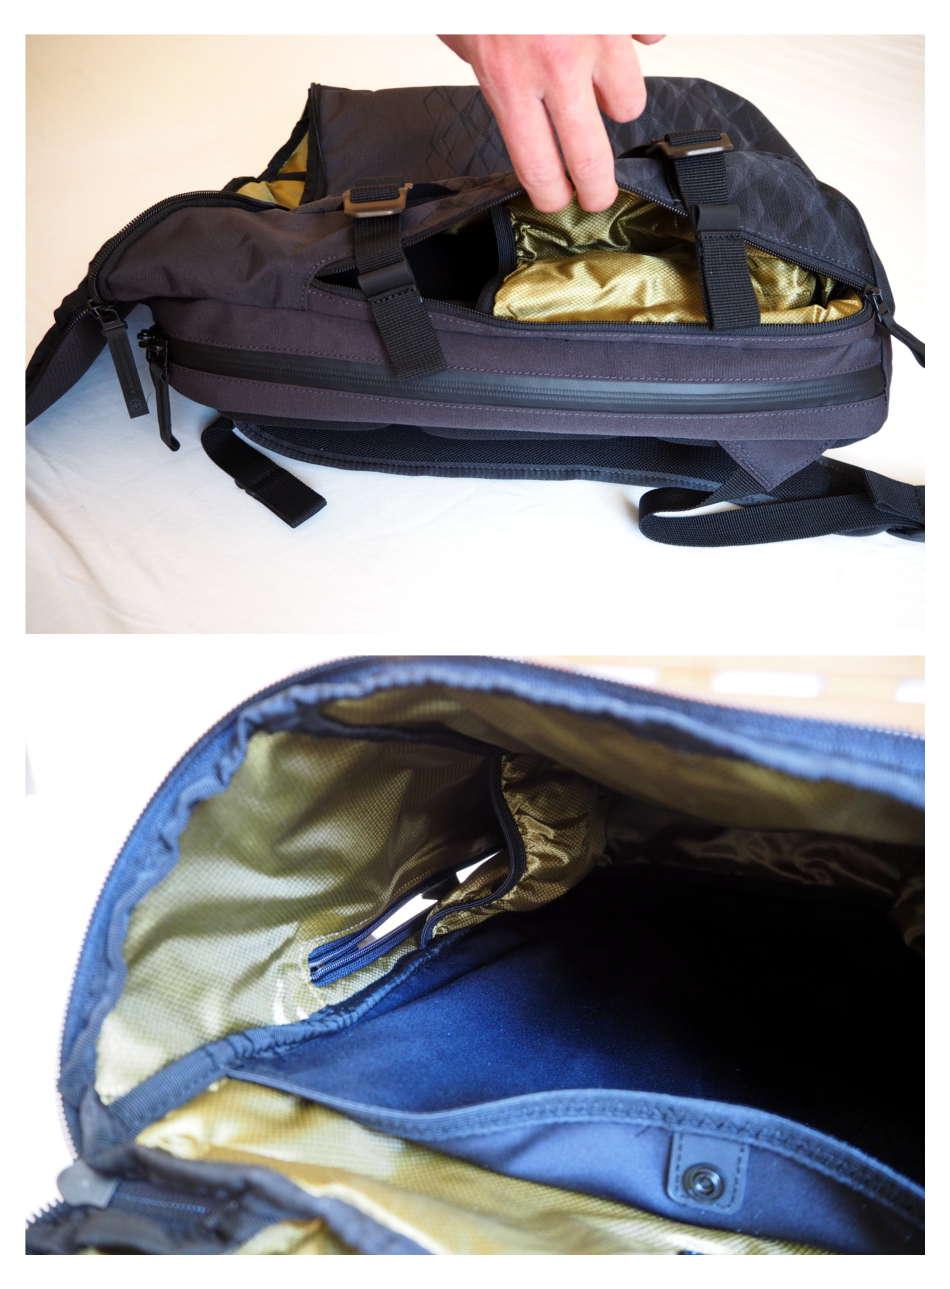 Praktische Tasche für Trinkflaschen, die man von außen leicht entnehmen kann